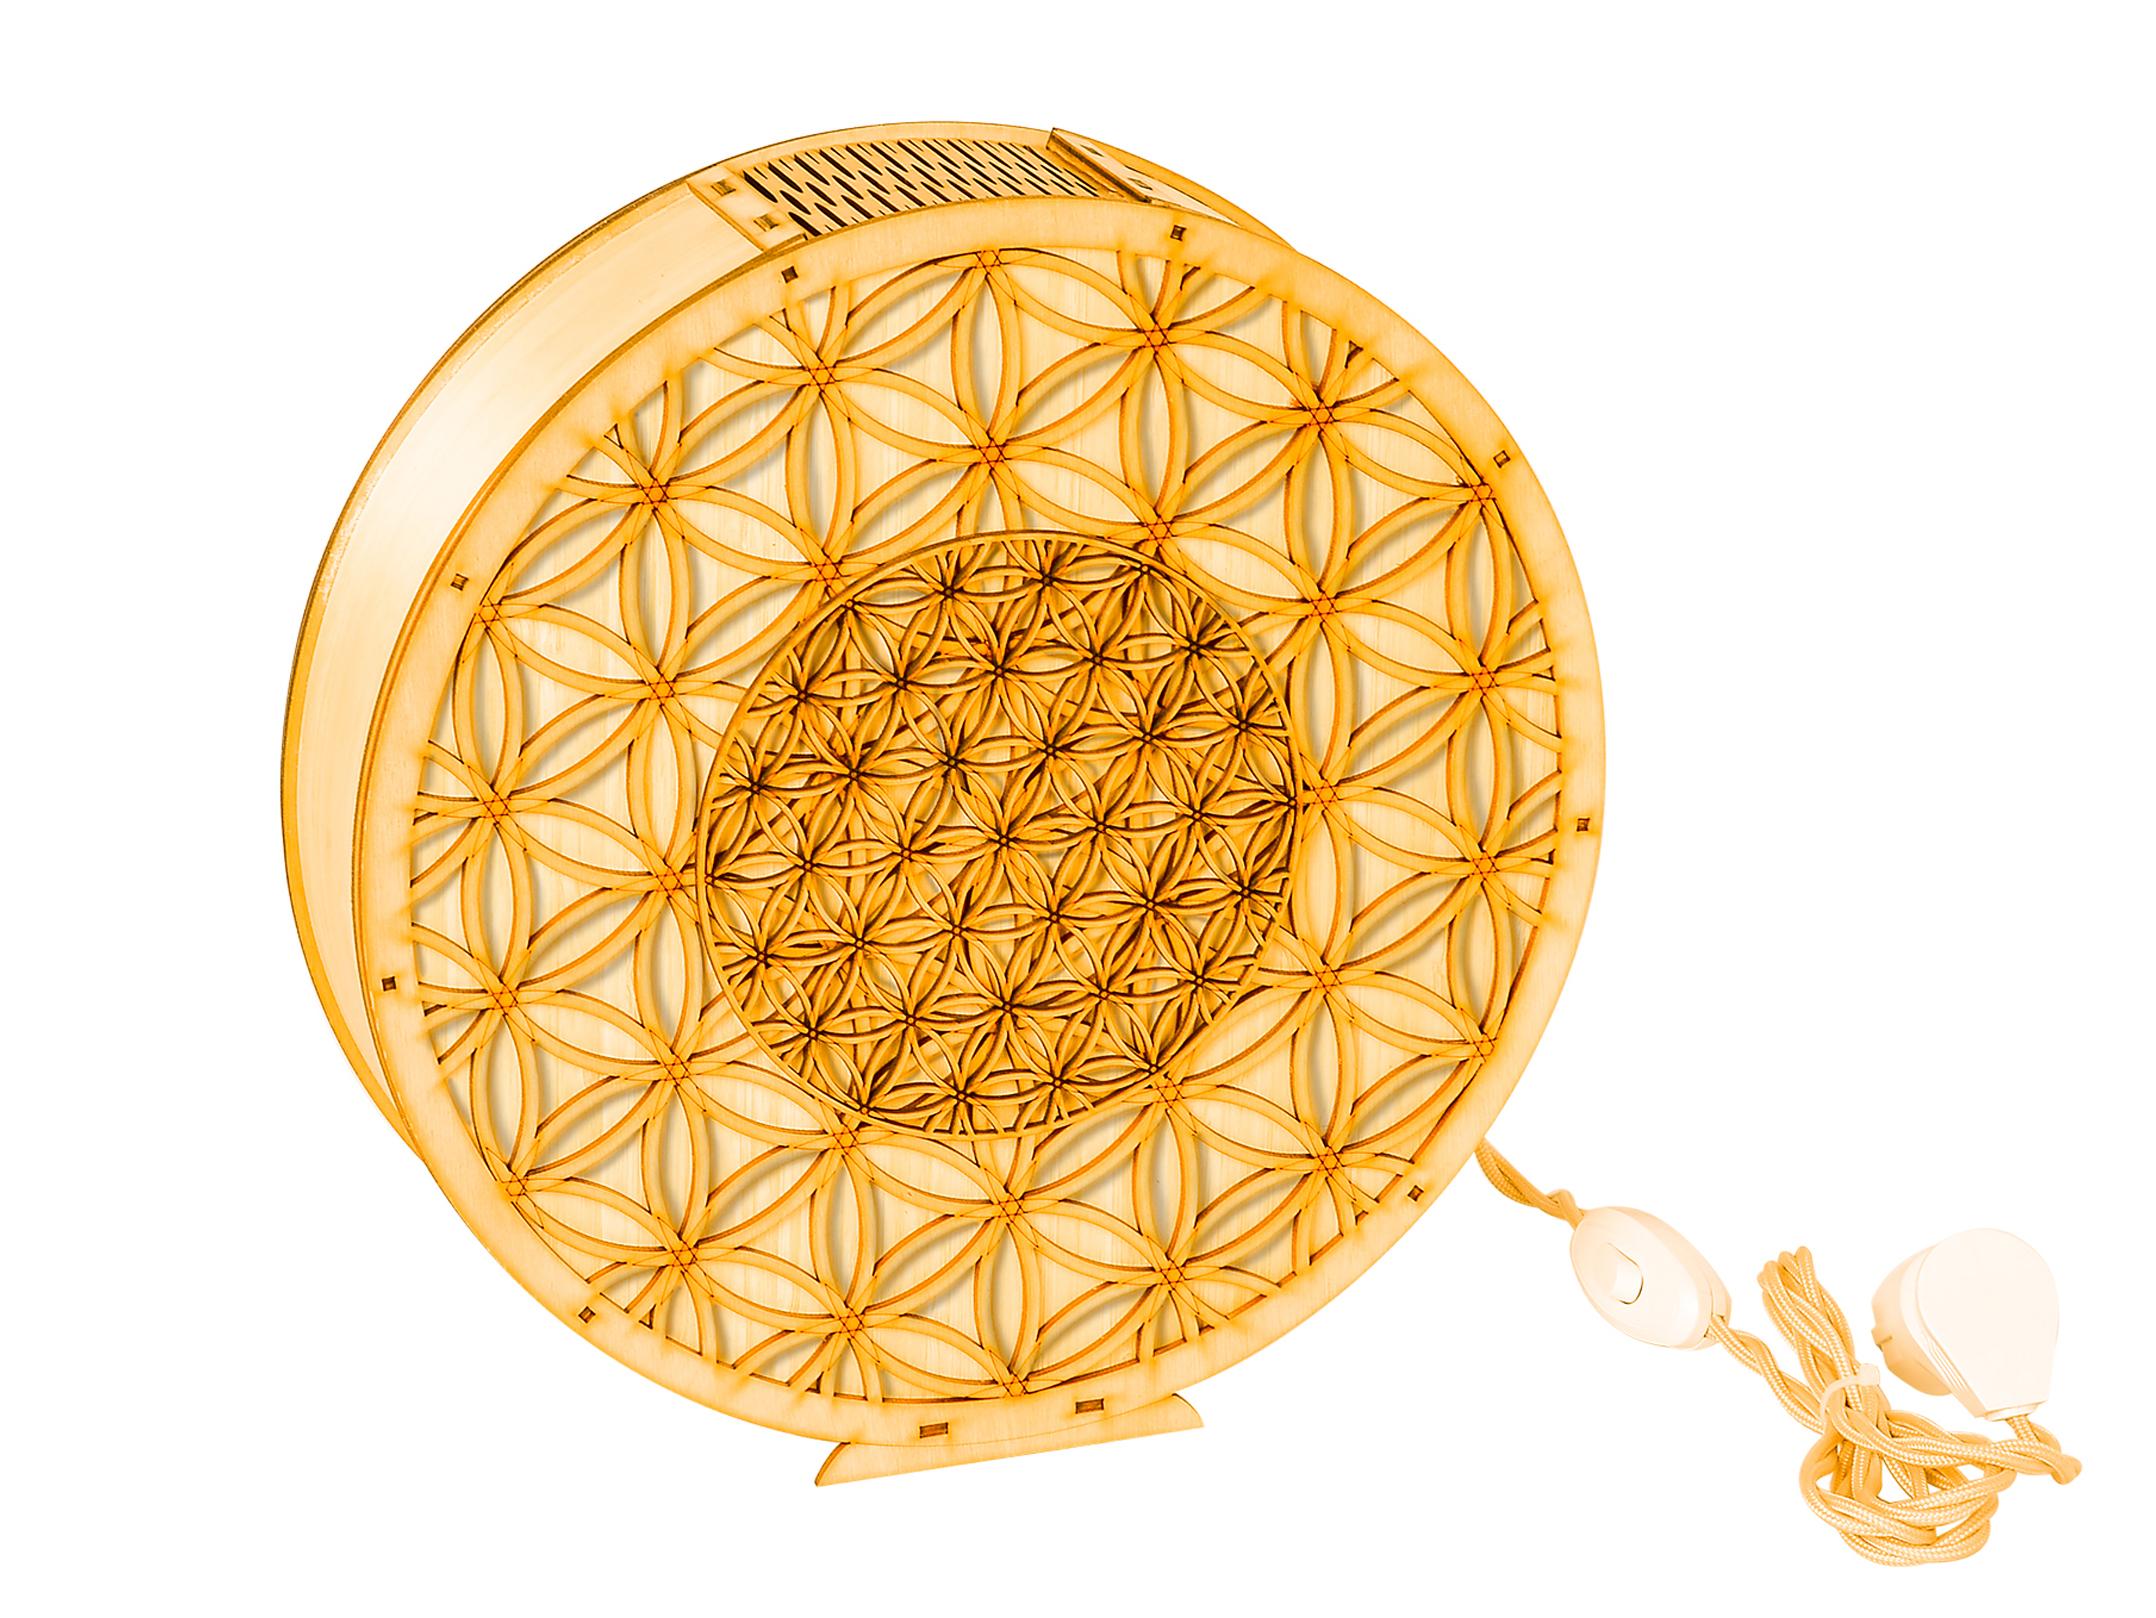 Светильник Цветочная полянаНастольные лампы<br>&amp;lt;div&amp;gt;Вид цоколя: E14&amp;lt;/div&amp;gt;&amp;lt;div&amp;gt;Мощность: 60W&amp;lt;/div&amp;gt;&amp;lt;div&amp;gt;Количество ламп: 1 (нет в комплекте)&amp;lt;/div&amp;gt;&amp;lt;div&amp;gt;&amp;lt;br&amp;gt;&amp;lt;/div&amp;gt;&amp;lt;div&amp;gt;Материалы: Дерево берёза.&amp;lt;/div&amp;gt;&amp;lt;div&amp;gt;Кабель &amp;quot;Ретро&amp;quot; с текстильной оплёткой.&amp;lt;/div&amp;gt;<br><br>Material: Дерево<br>Глубина см: 9.0